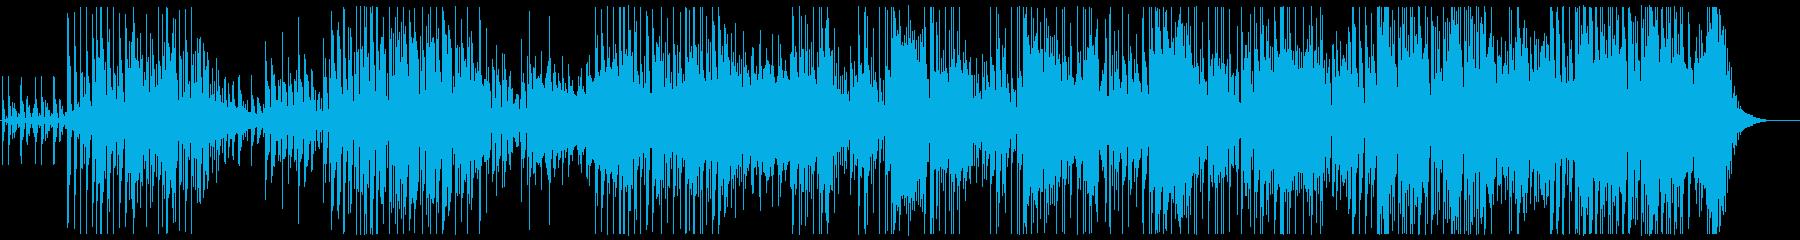 この繊細で劇的なアンダースコア音楽...の再生済みの波形